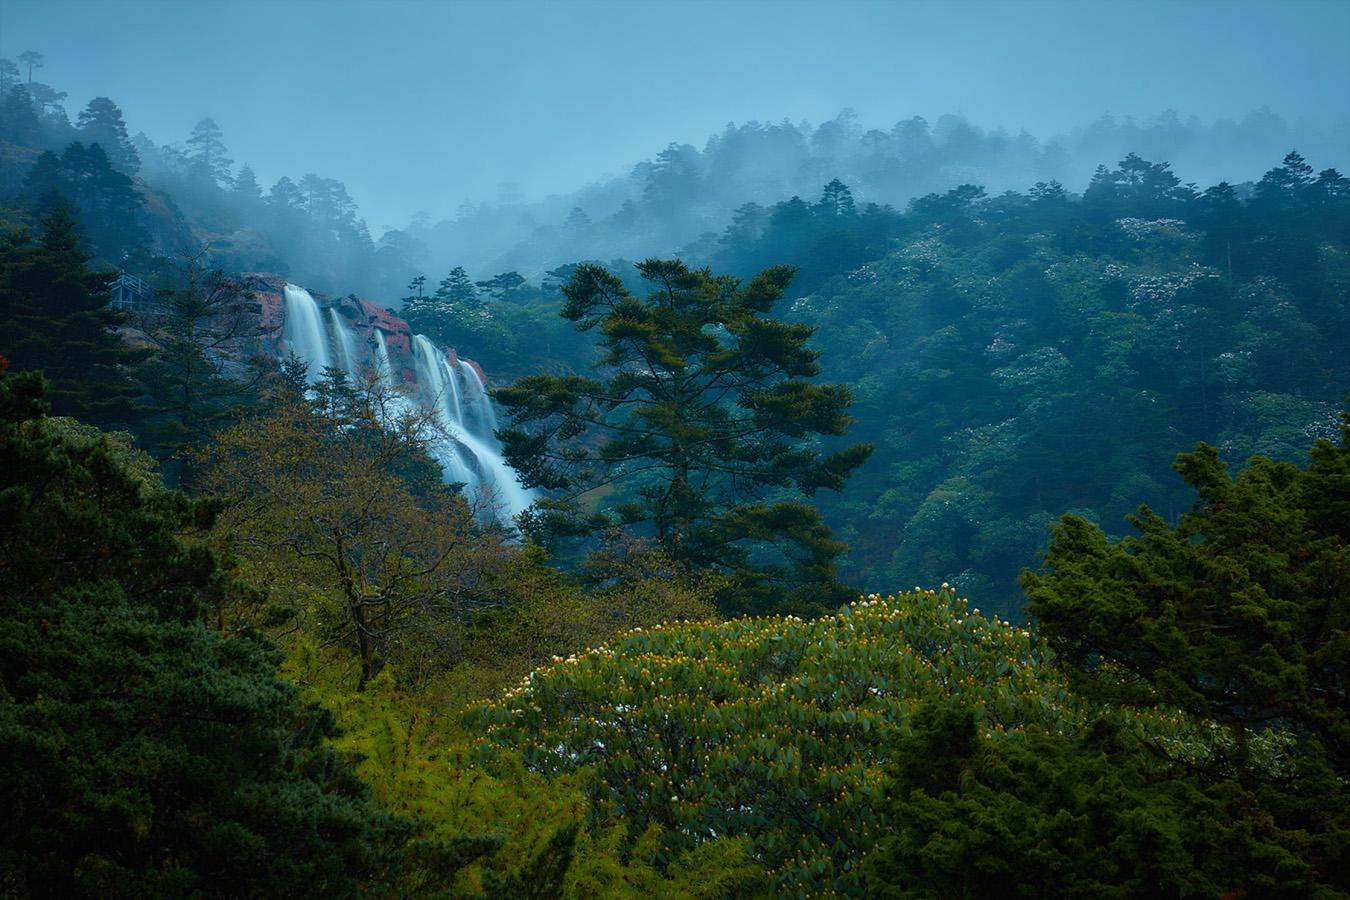 李达明作品:雨雾轿子山